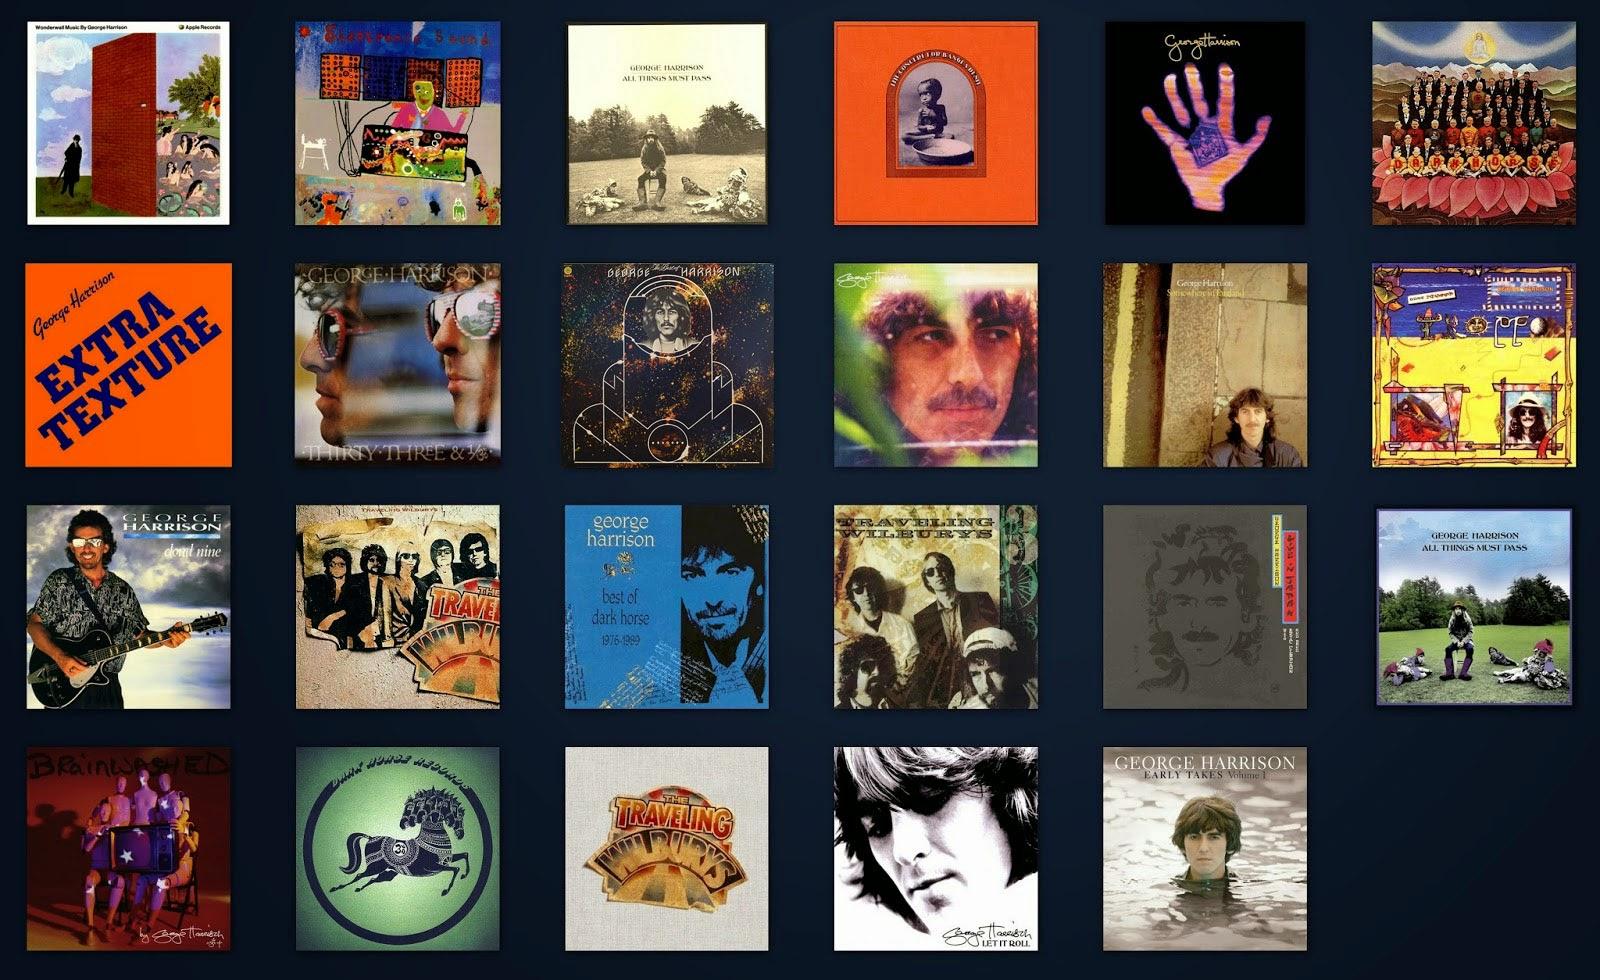 George Harrison US Albums